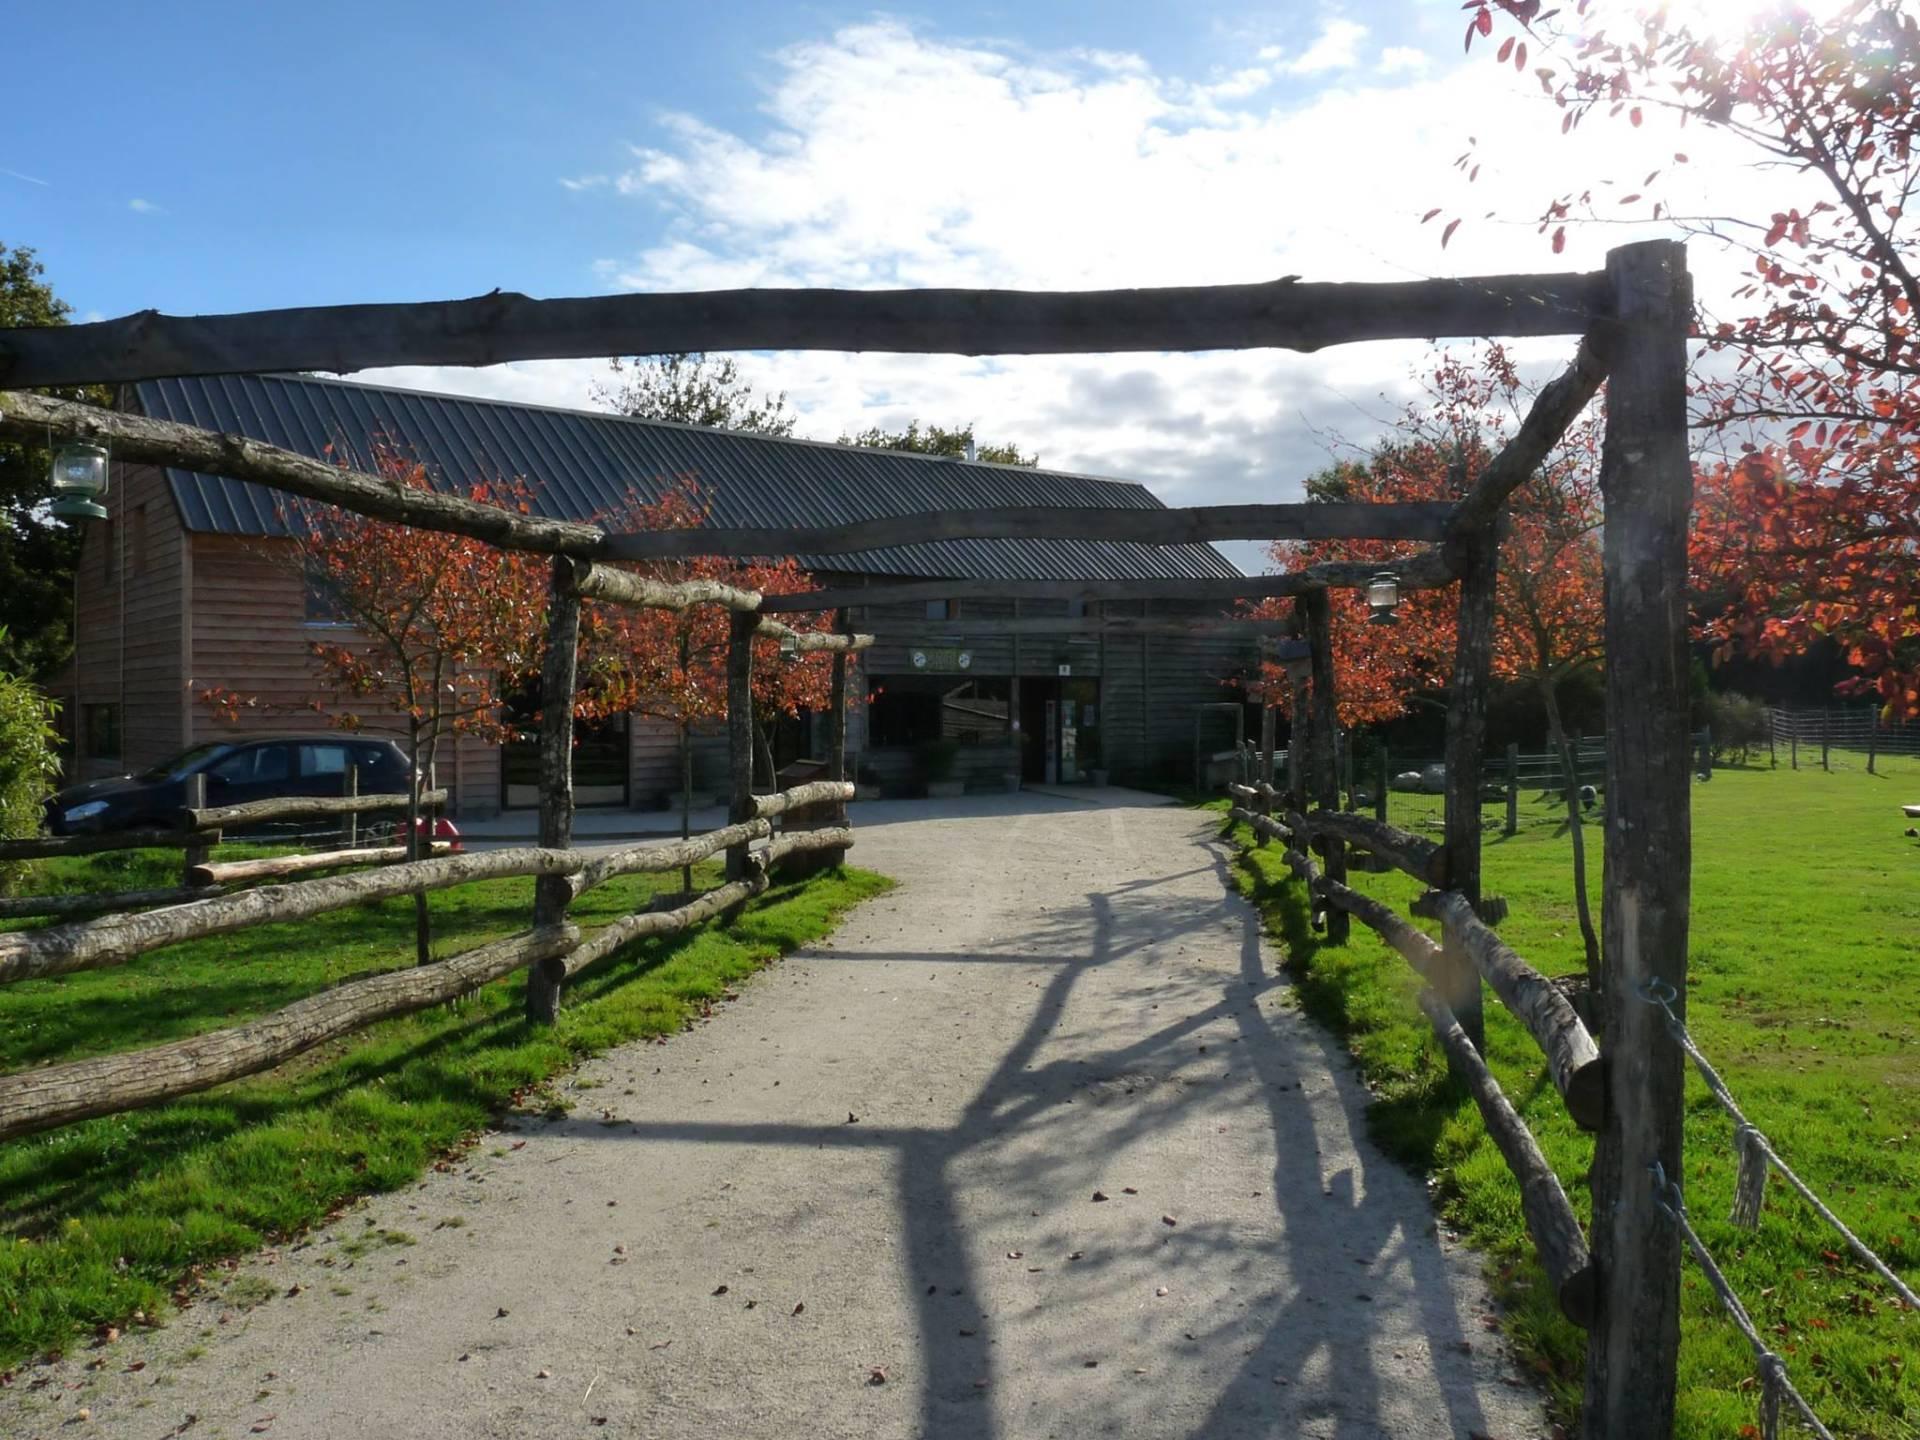 Notre lodge pour séjourner au calme près d'Alençon | Parc animalier d'Écouves